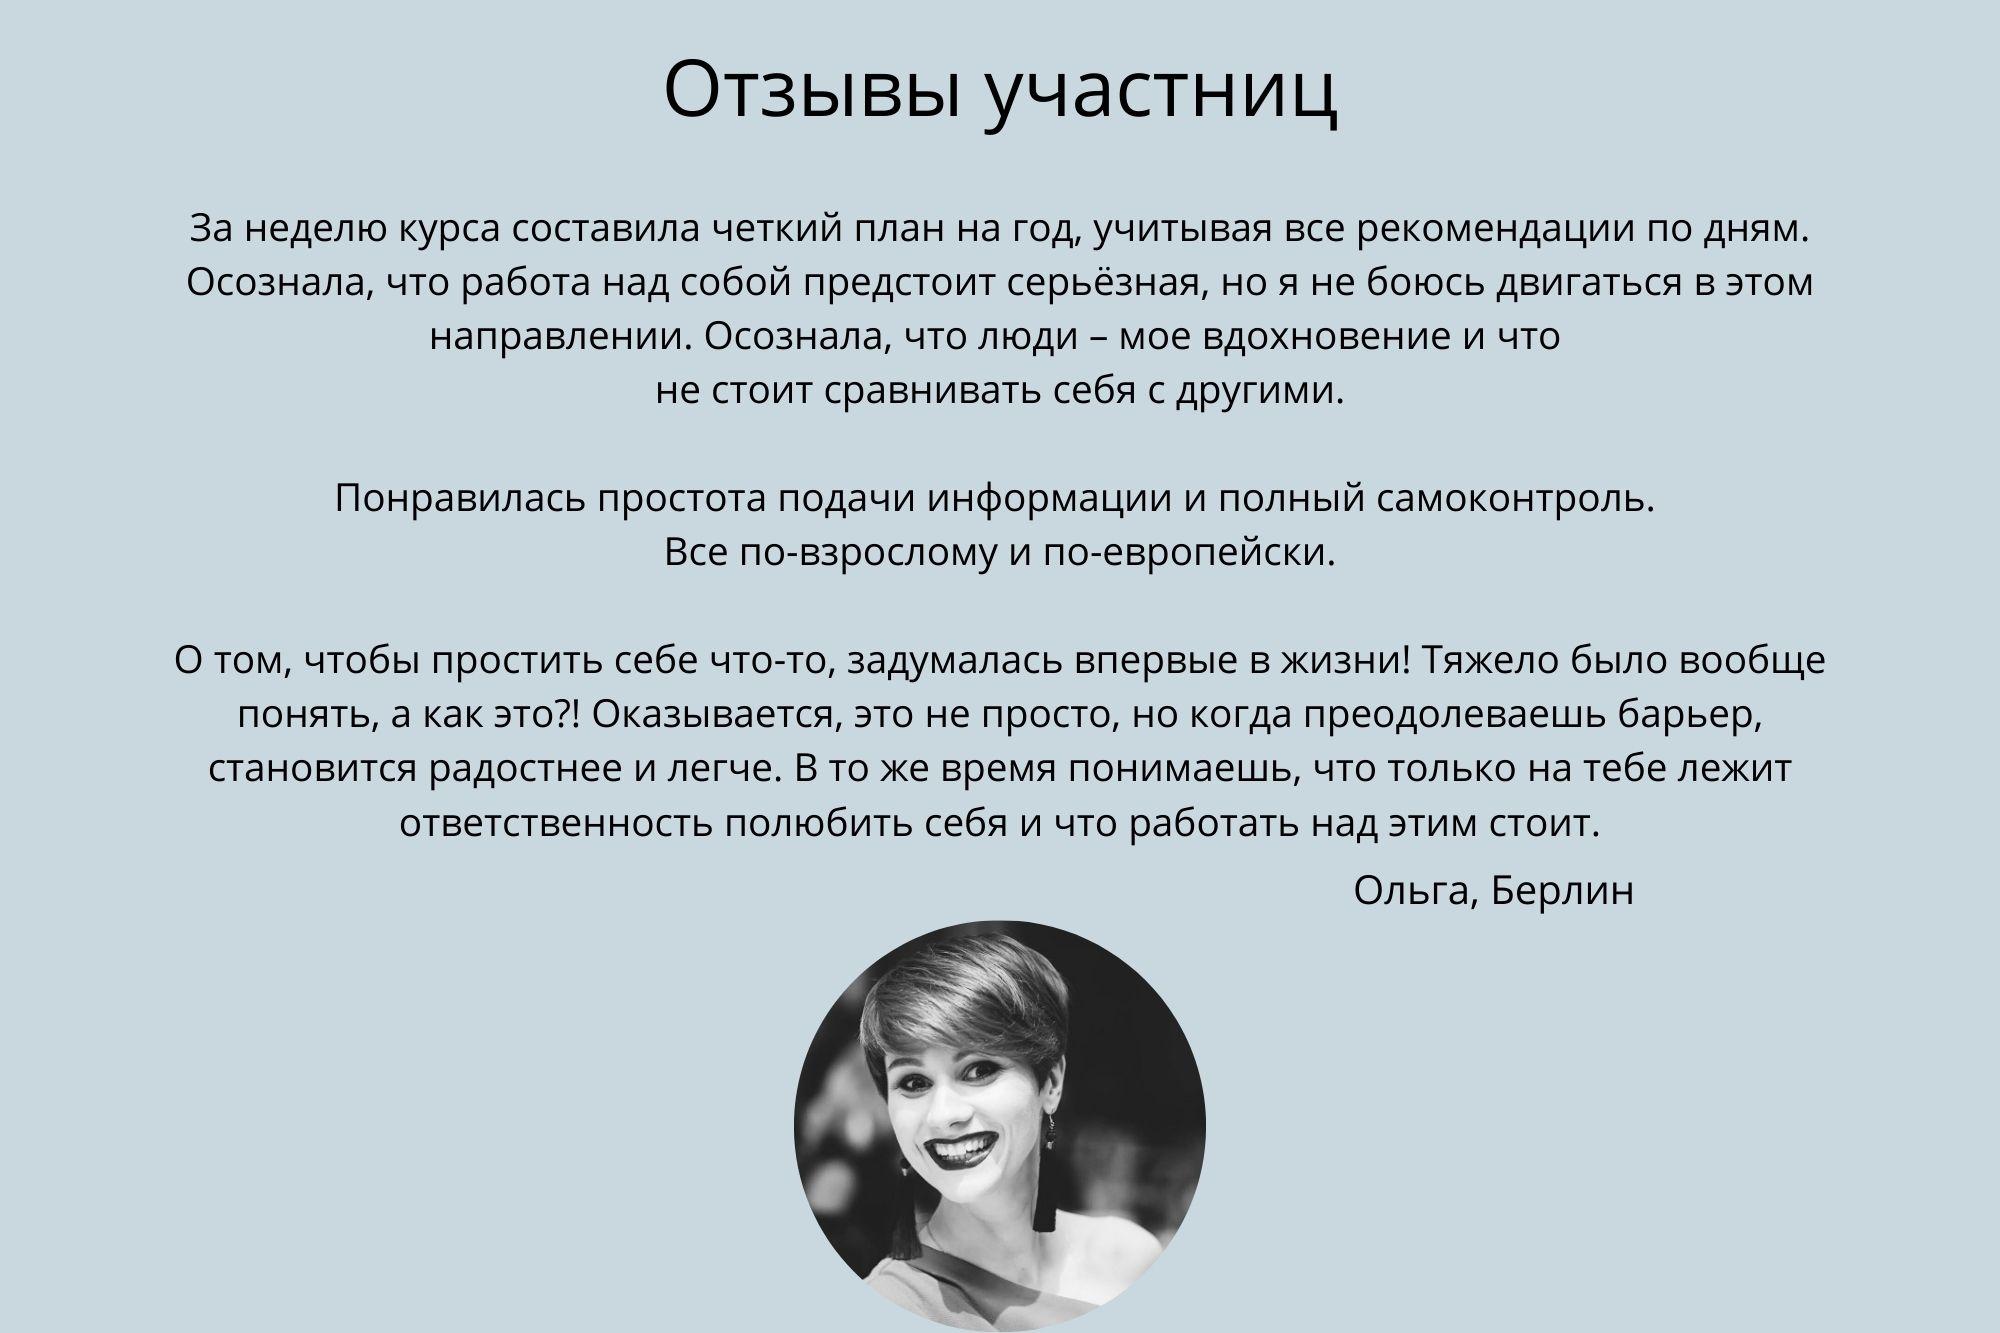 Kuplivanchuk